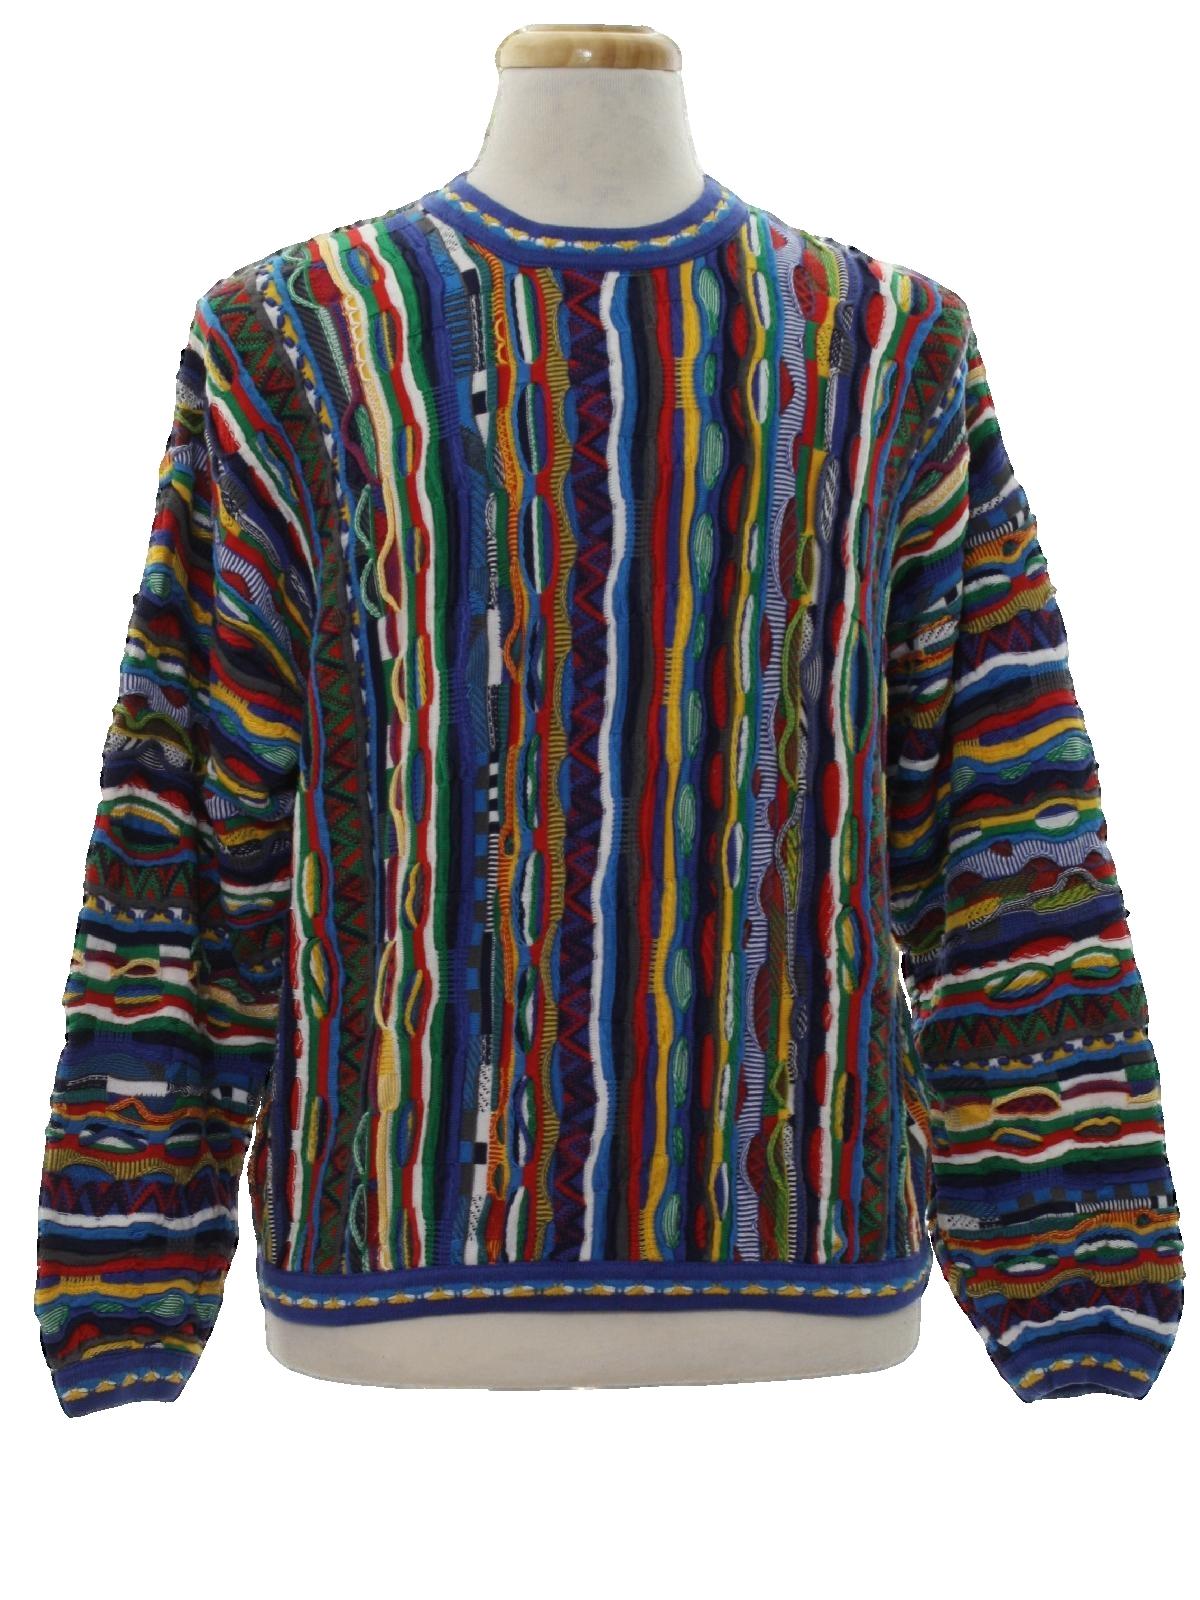 Womens White Sweater